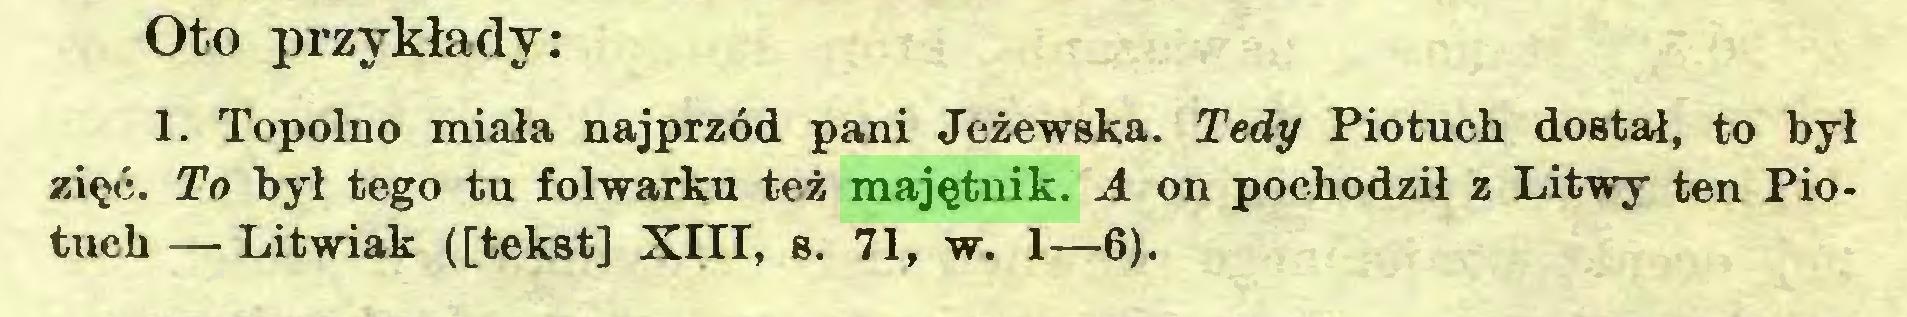 (...) Oto przykłady: 1. Topolno miała najprzód pani Jeżewska. Tedy Piotuch dostał, to był zięć. To był tego tu folwarku też majętnik. A on pochodził z Litwy ten Piotuch — Litwiak ([tekst] Xin, b. 71, w. 1—6)...